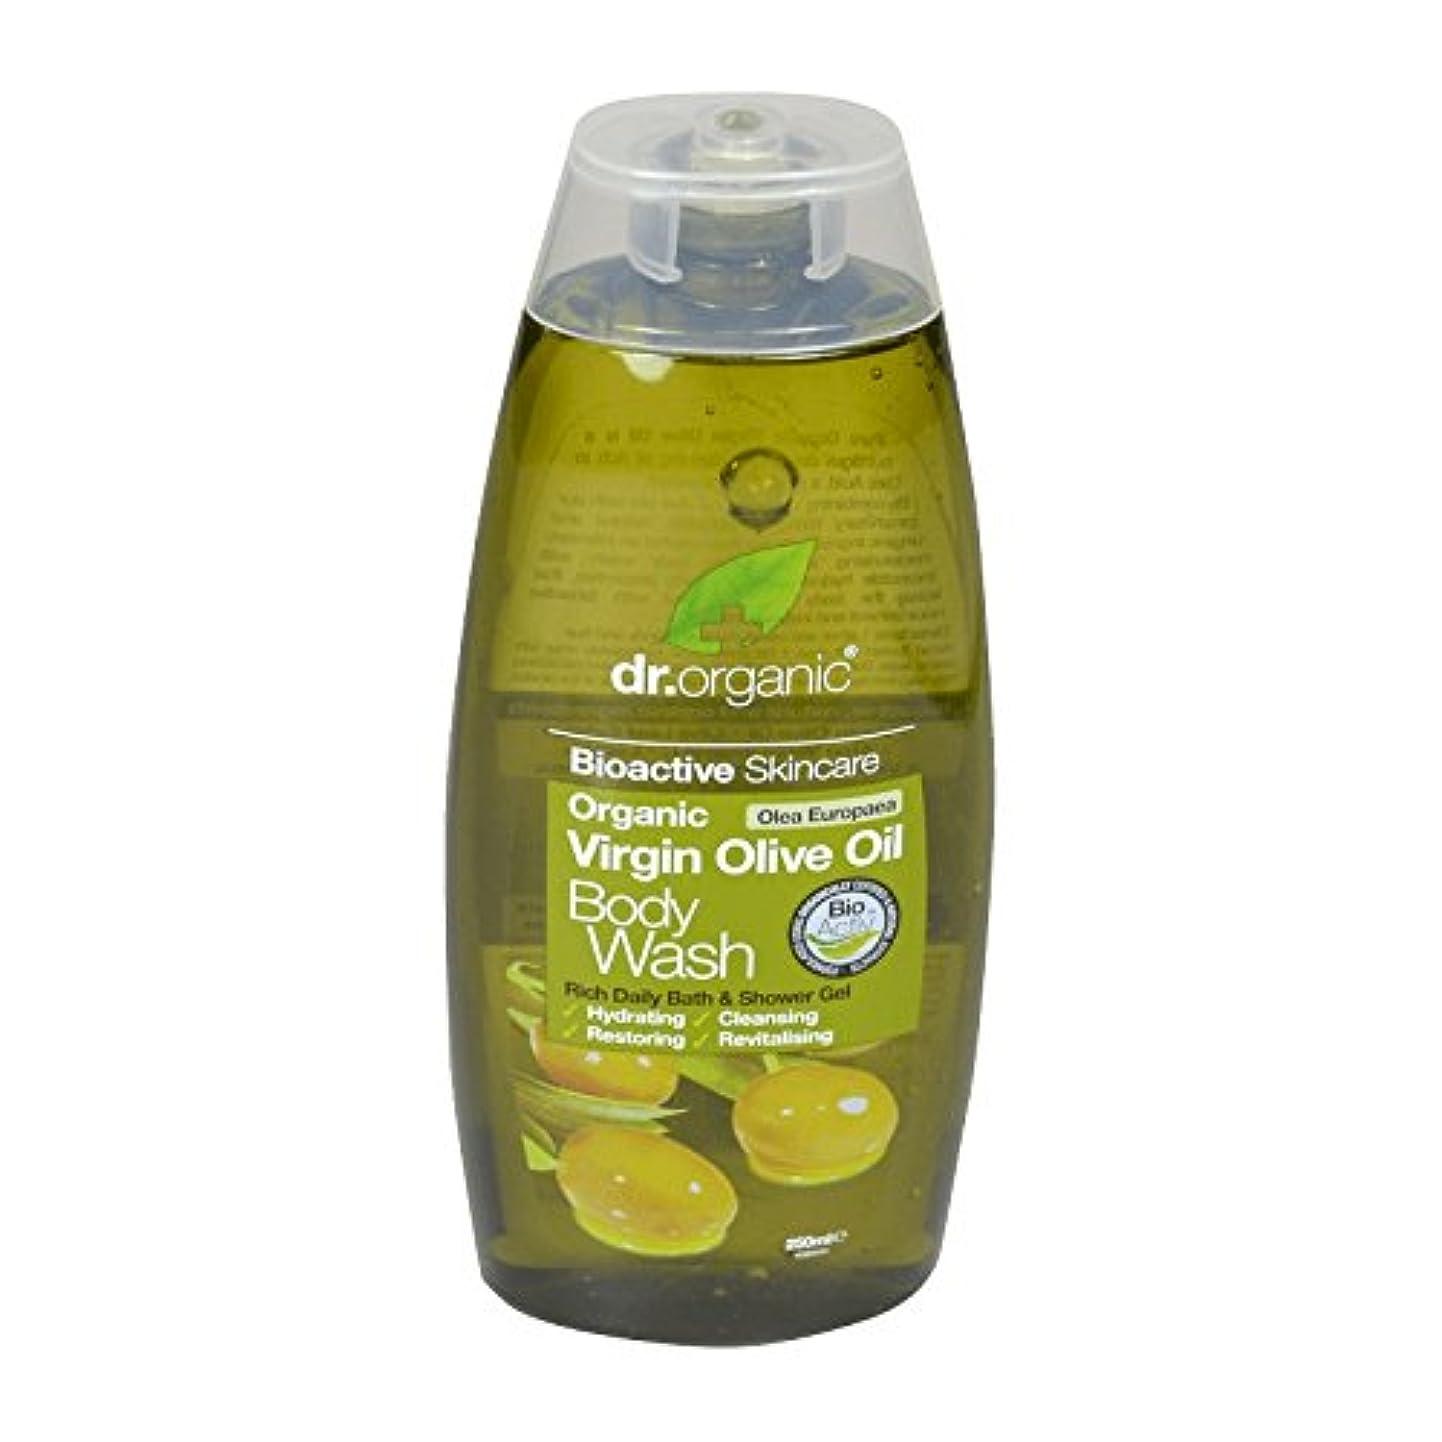 俳優民兵マイルDr有機バージンオリーブオイルボディウォッシュ - Dr Organic Virgin Olive Oil Body Wash (Dr Organic) [並行輸入品]